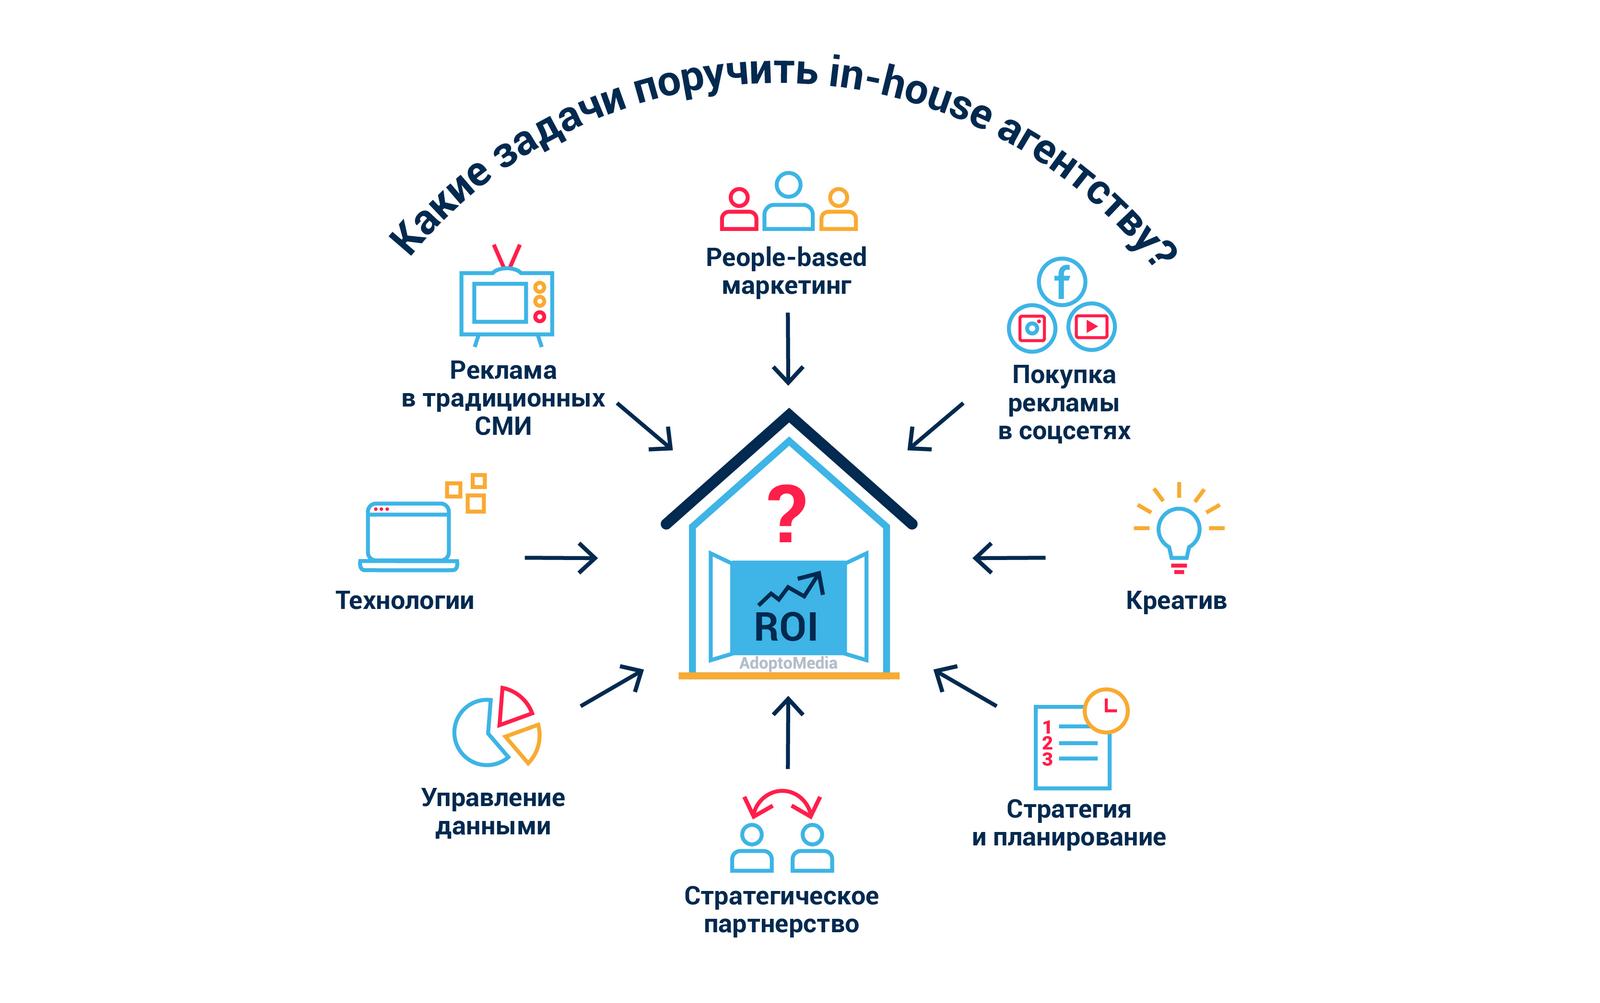 In-house агентство, цифровая трансформация, ROI, подсчет ROMI, маркетинговые тренды, покупка рекламы, автоматизация маркетинга